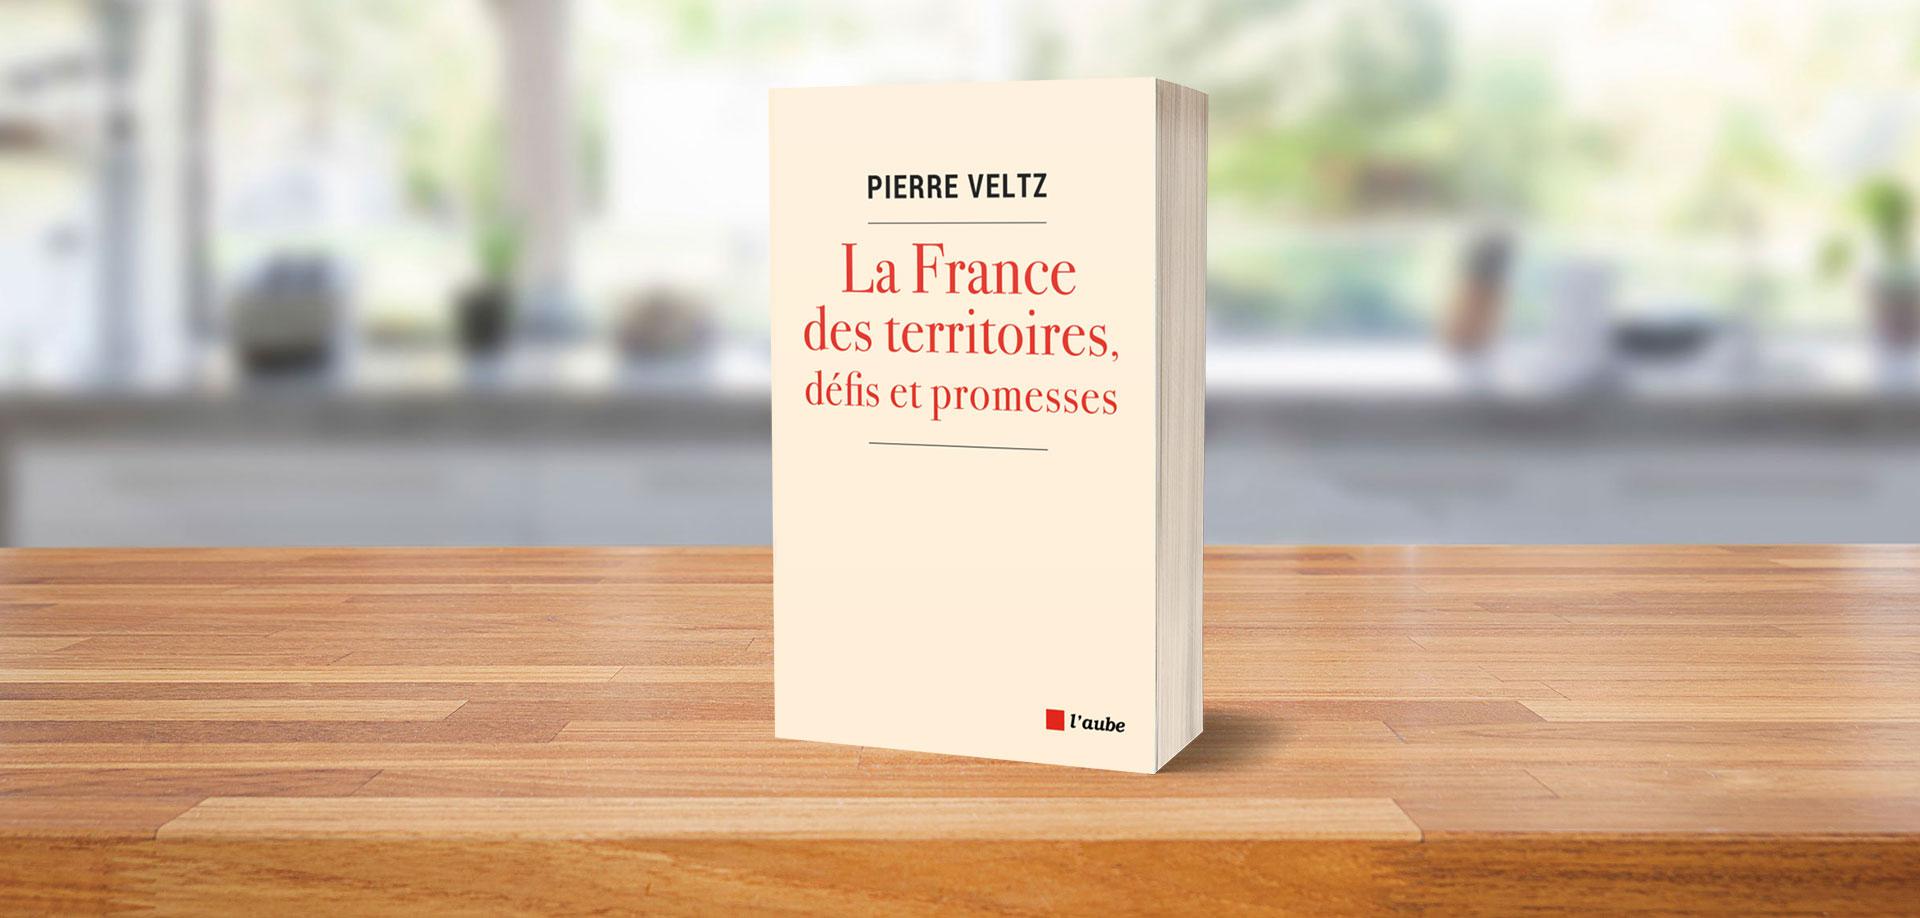 Il faut faire le pari des territoires – Pierre Veltz